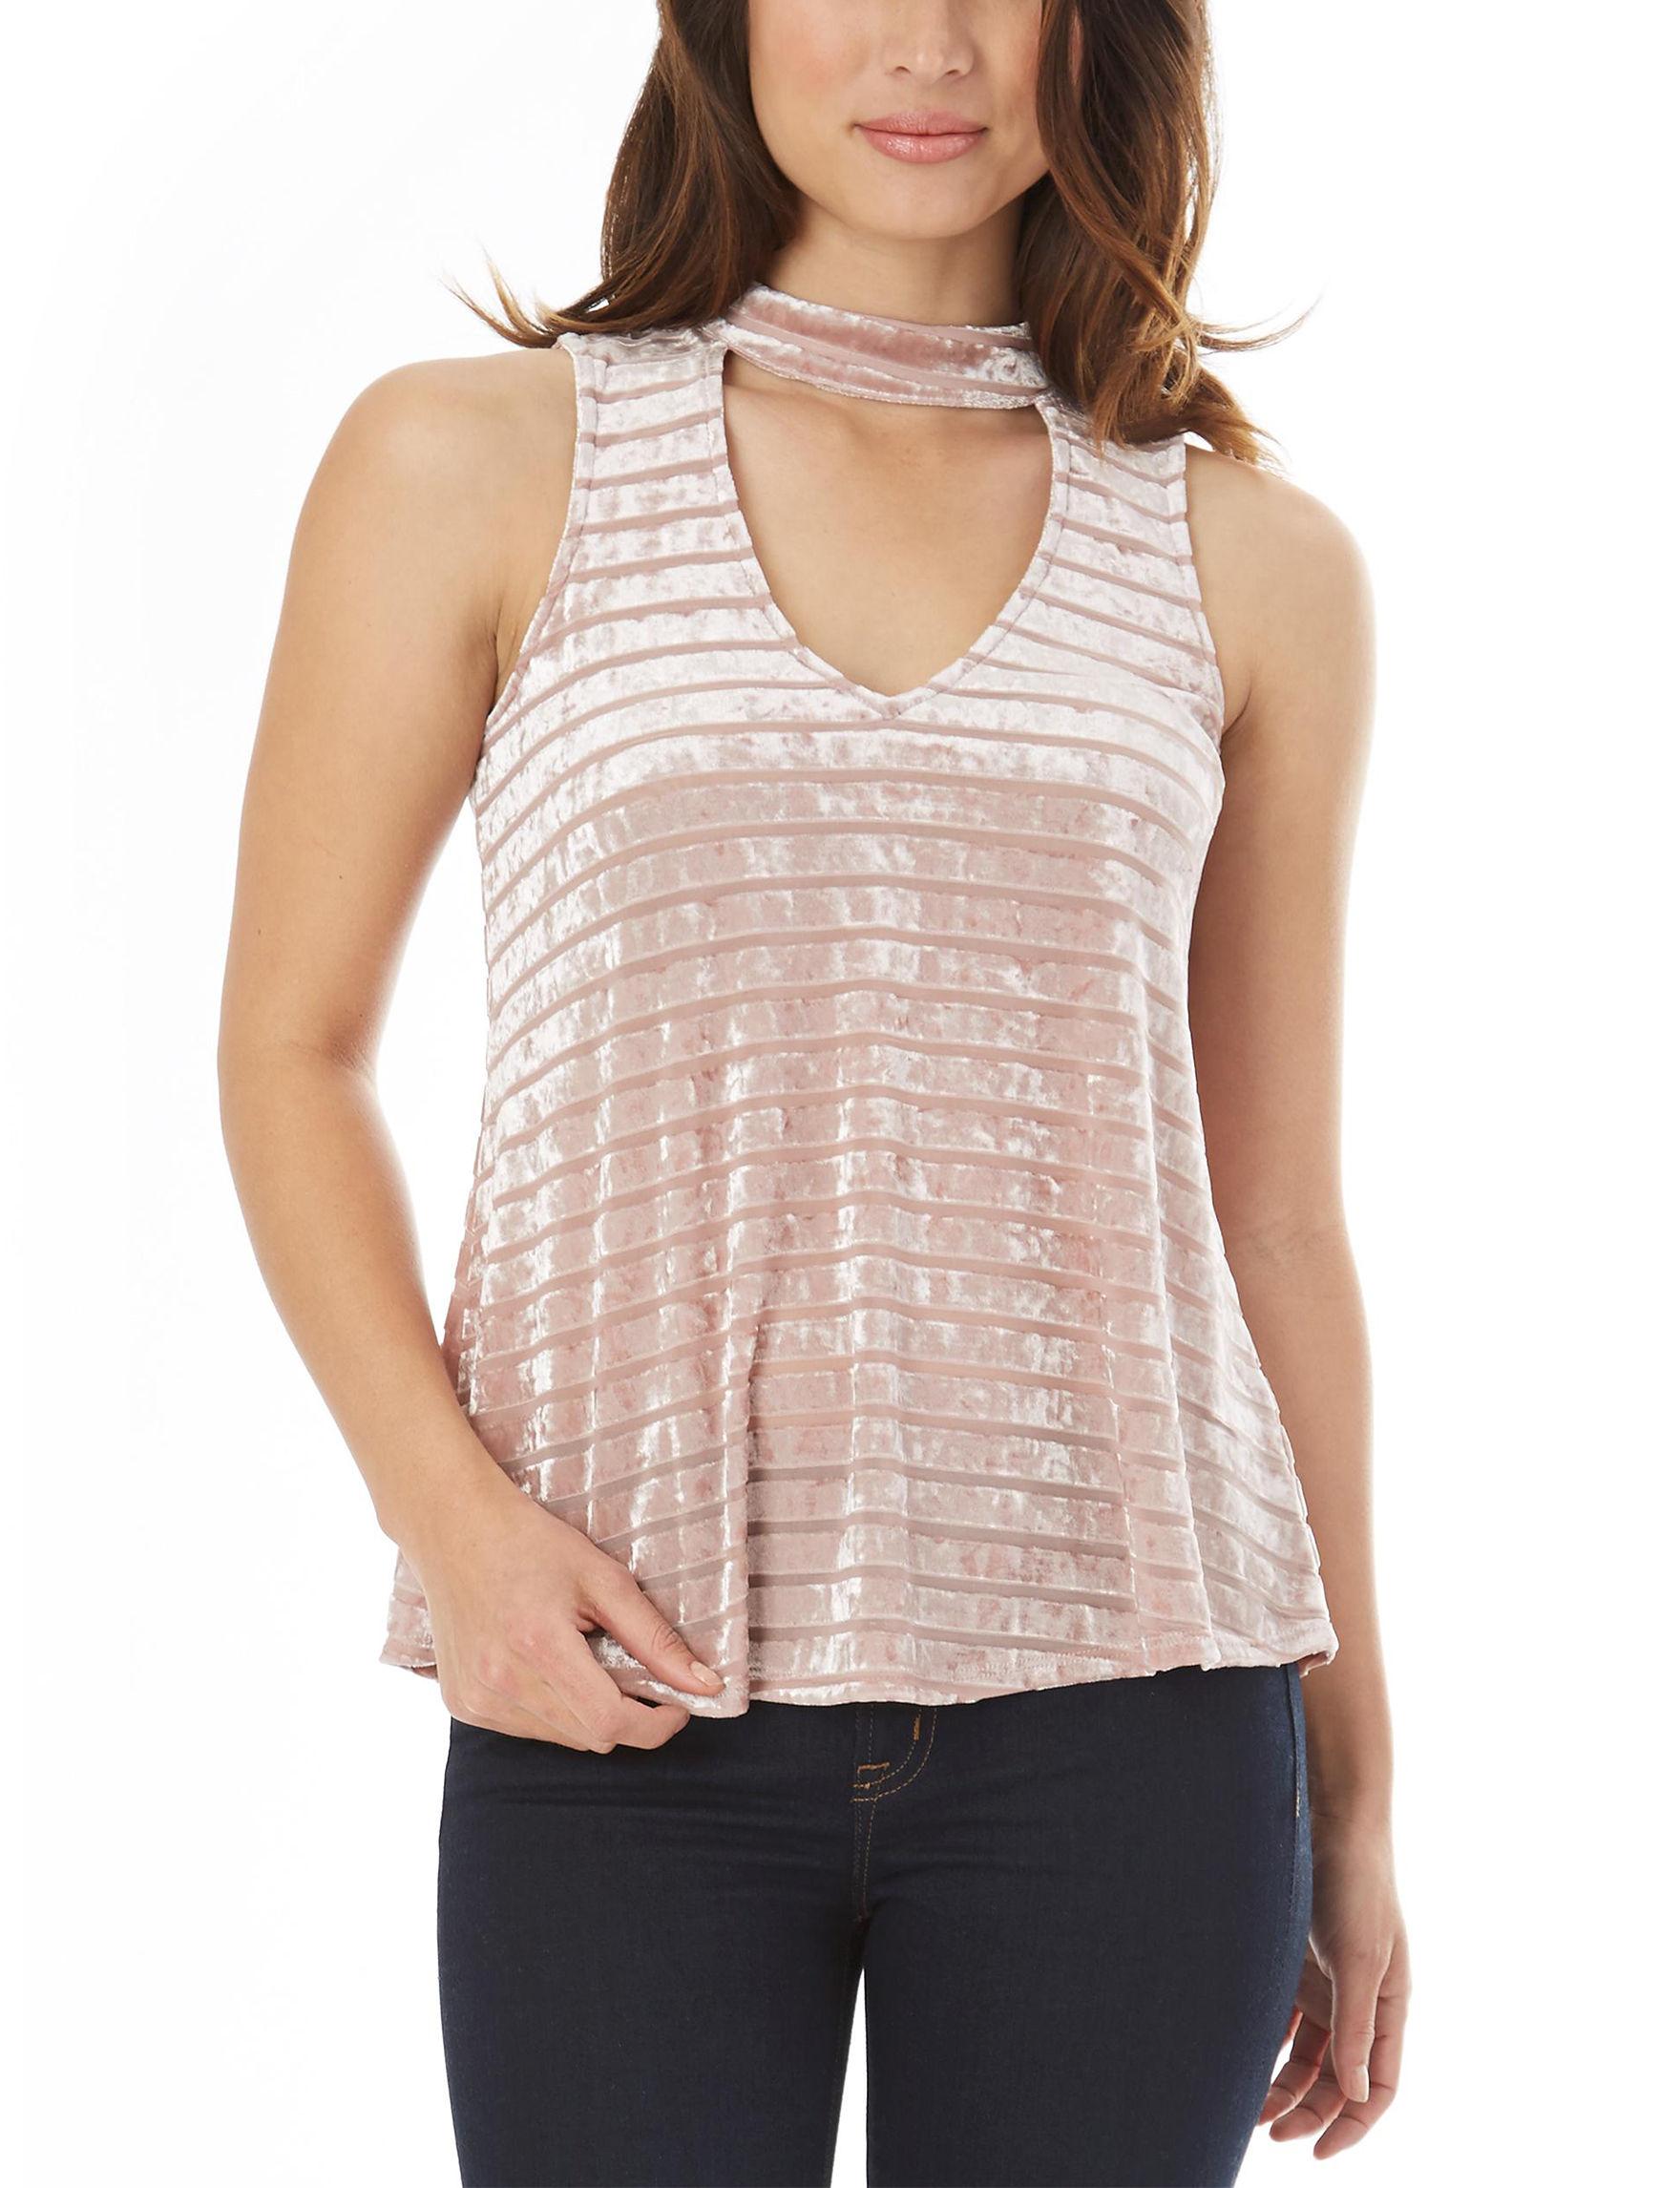 A. Byer True Mauve Shirts & Blouses